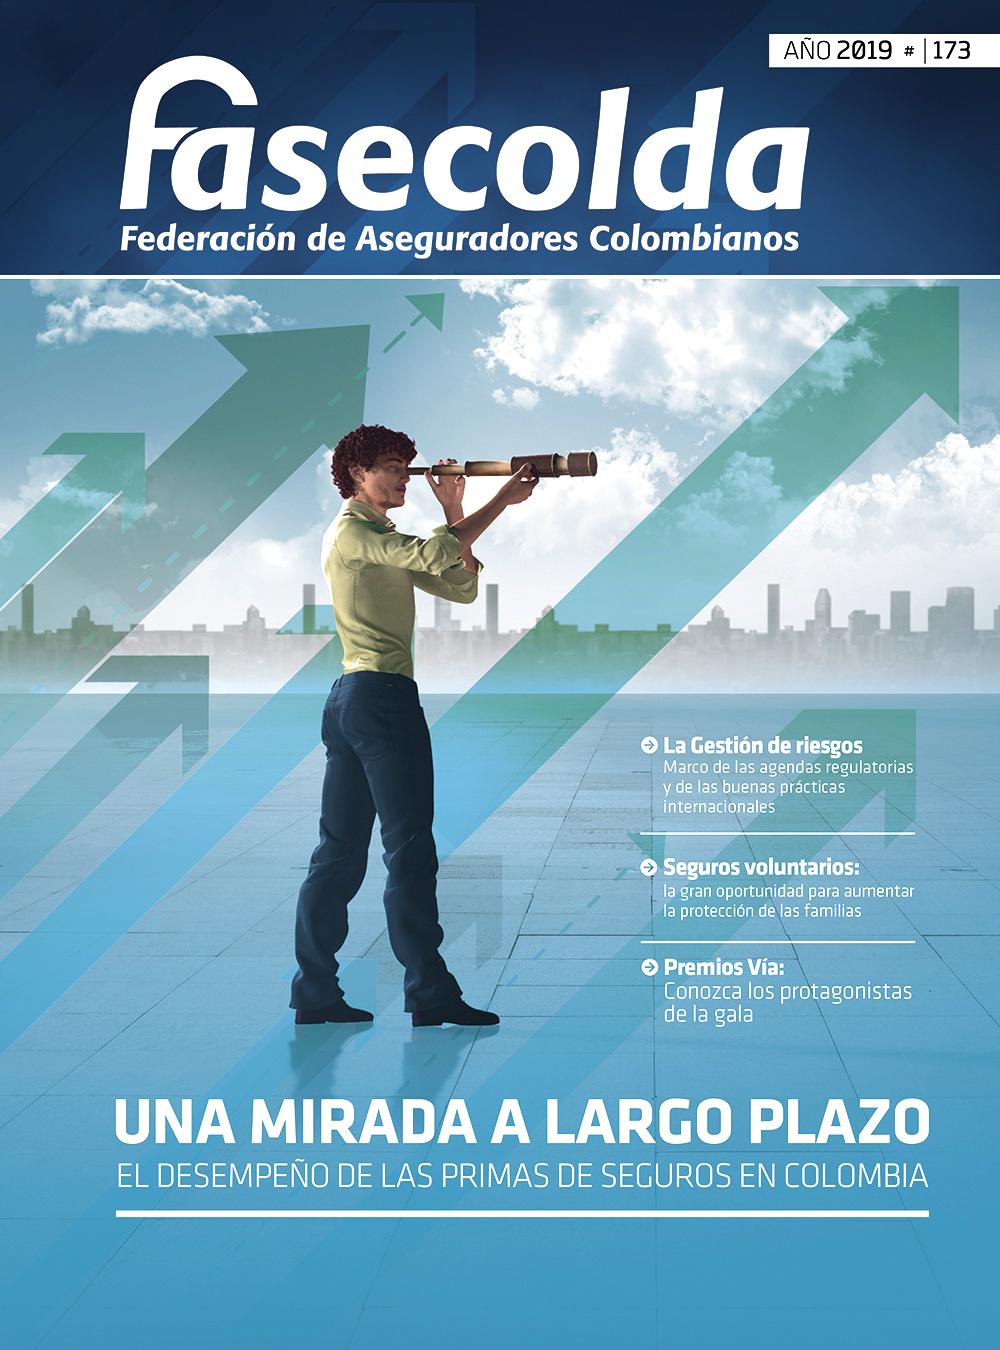 Fasecolda Federación de Aseguradores Colombianos Número 173 año 2019. Una mirada a largo plazo: el desempeño de las primas de seguros en Colombia